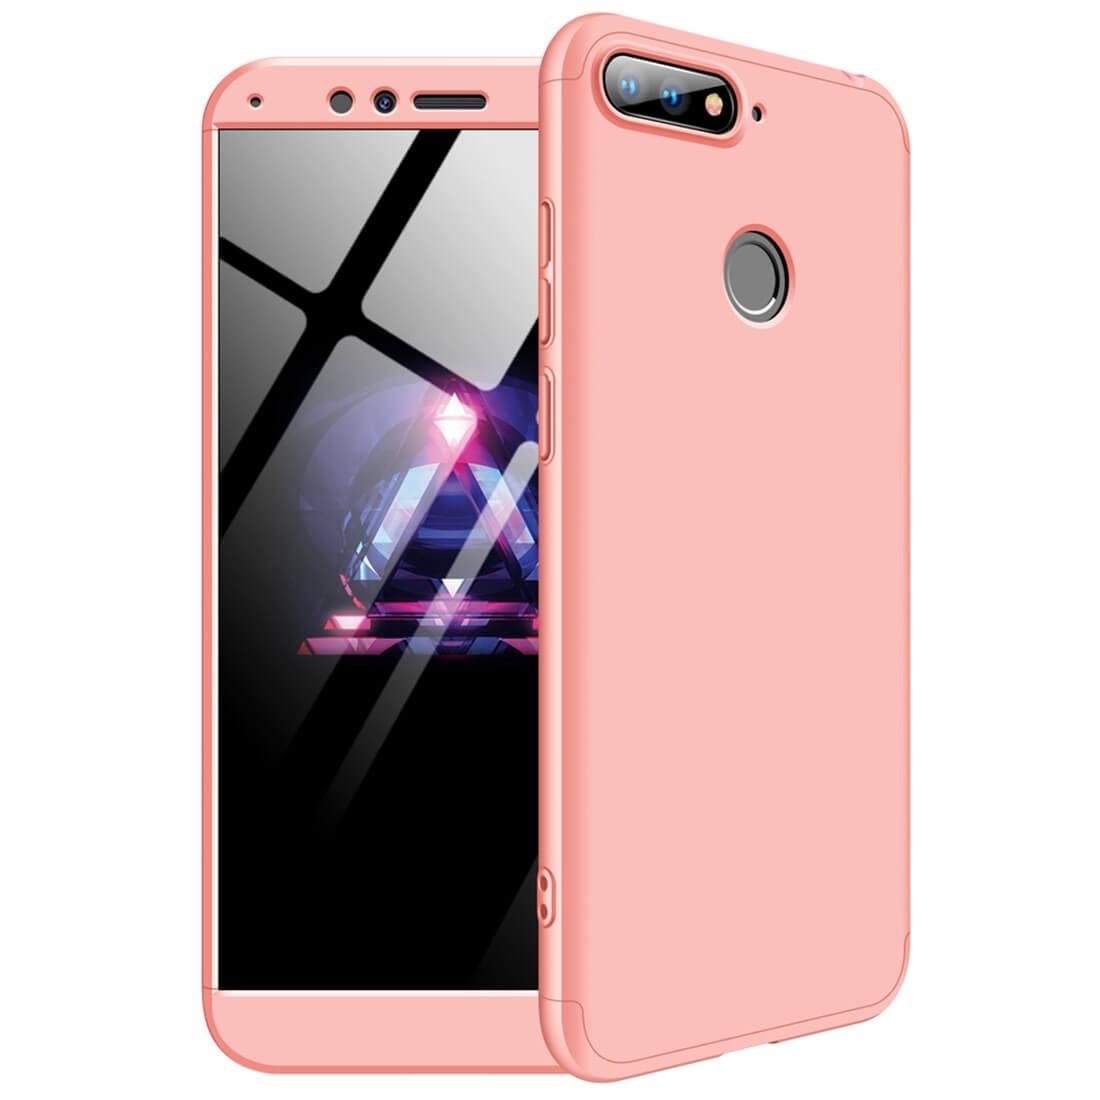 FORCELL 360 ° Ochranný kryt Huawei Y6 Prime 2018 růžový